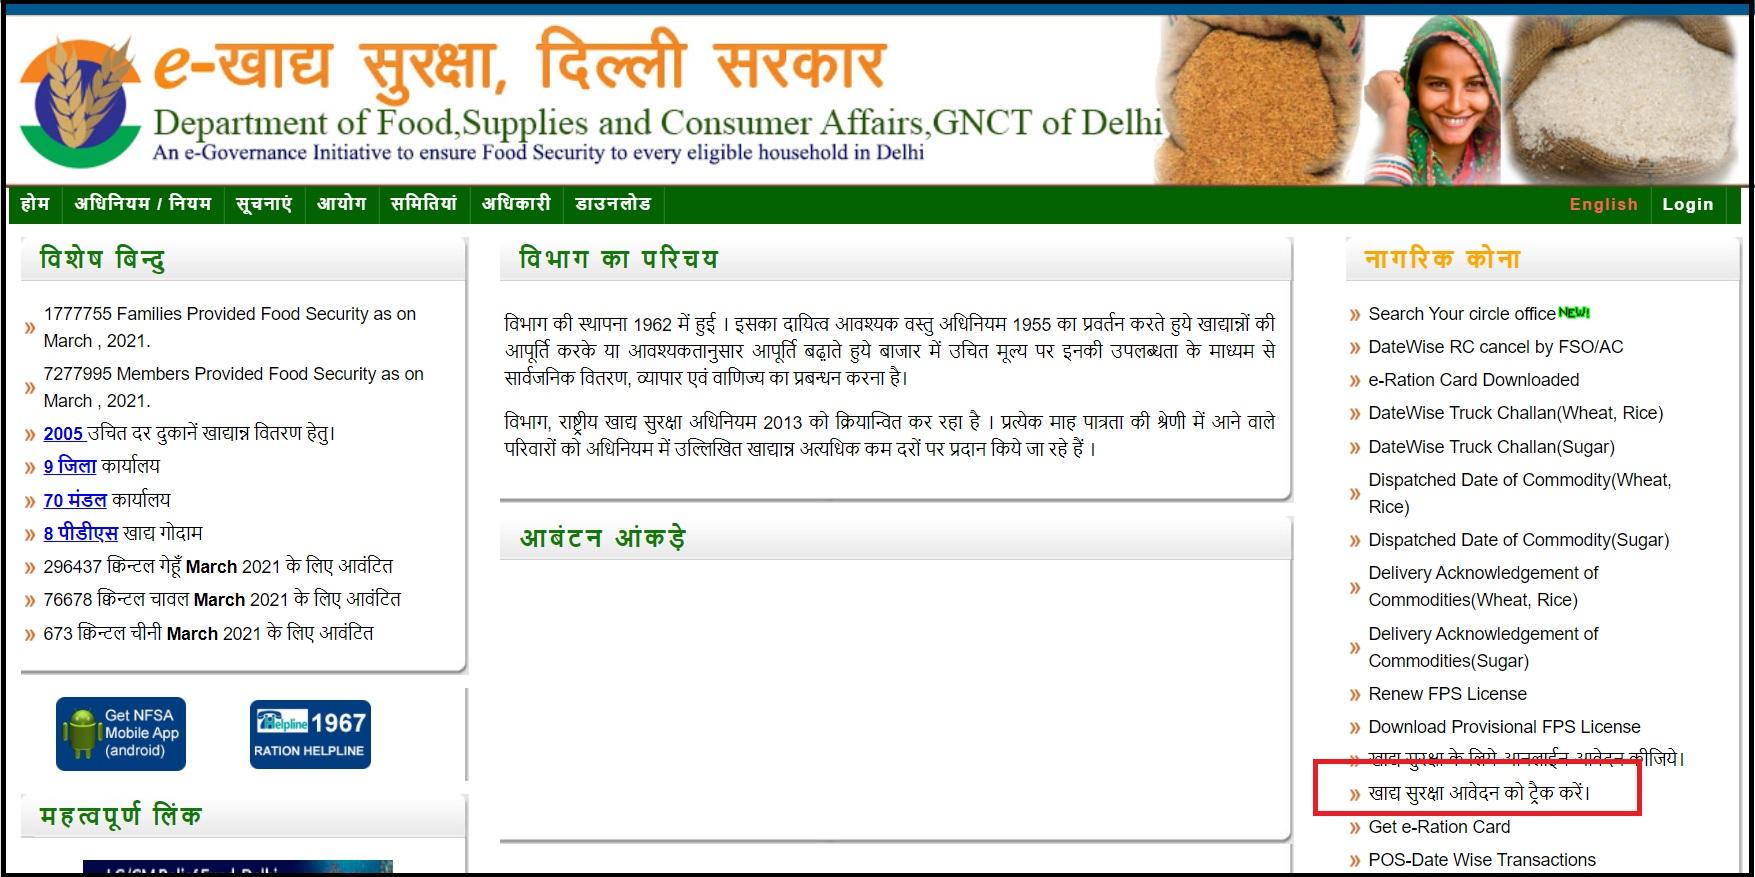 दिल्ली राशन कार्ड एप्लीकेशन स्टेटस